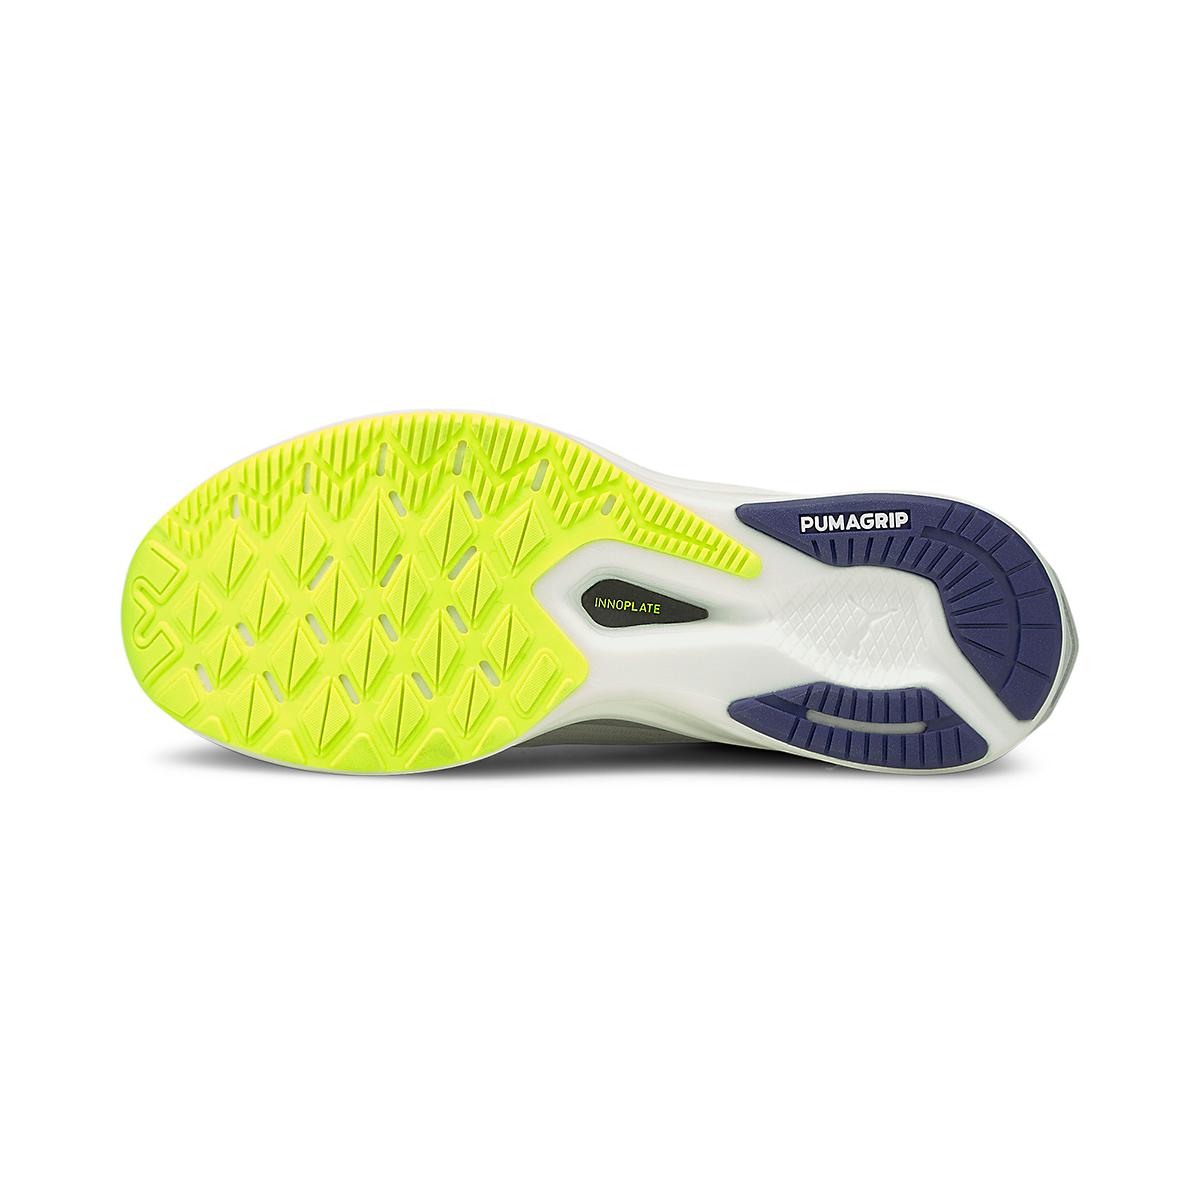 Men's Puma Deviate Nitro Running Shoe - Color: Gray Violet - Size: 7 - Width: Regular, Gray Violet, large, image 3